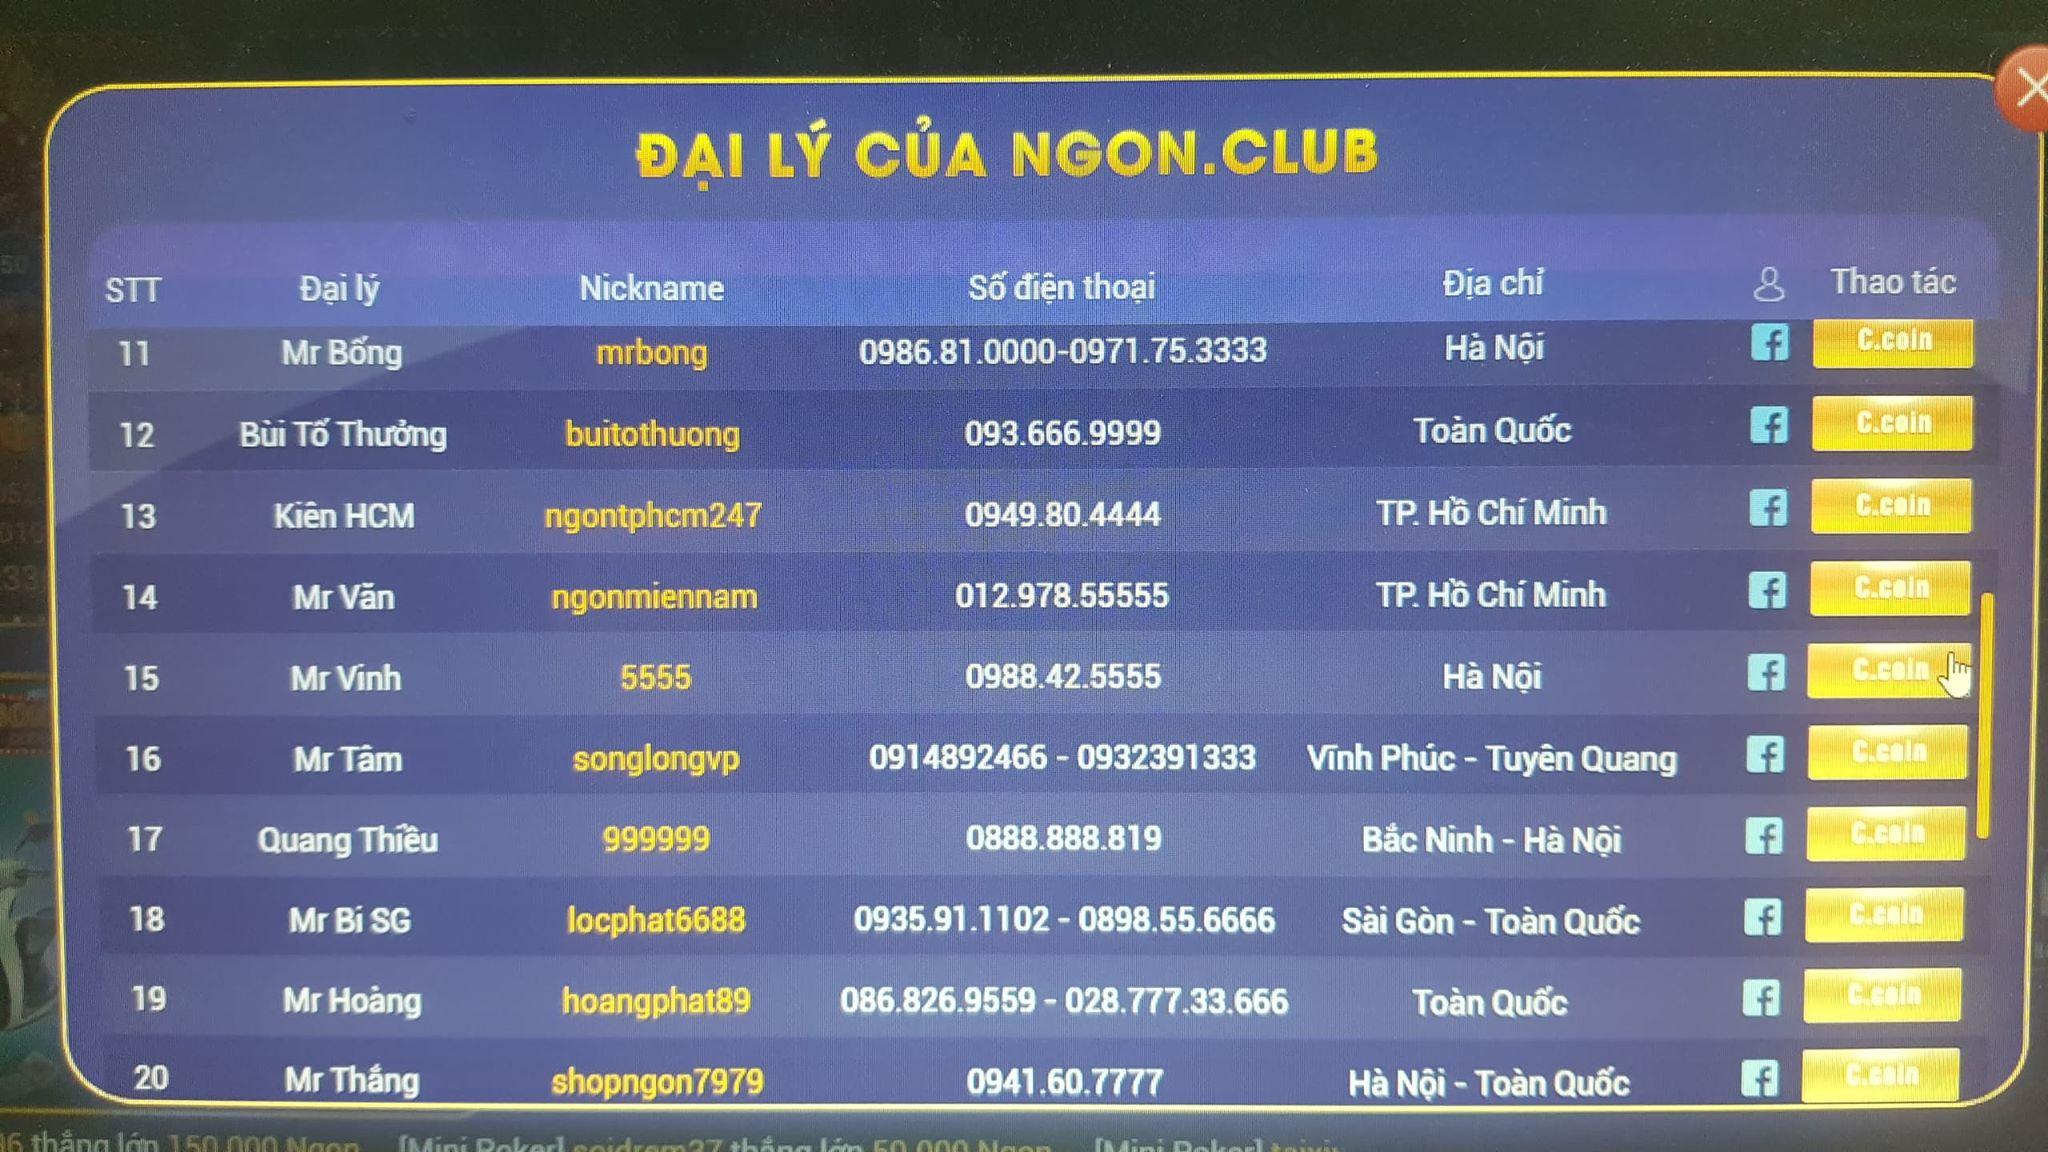 """""""Sới bạc"""" online núp bóng cổng game Ngon.Club hoạt động công khai thách thức pháp luật - Ảnh 4"""